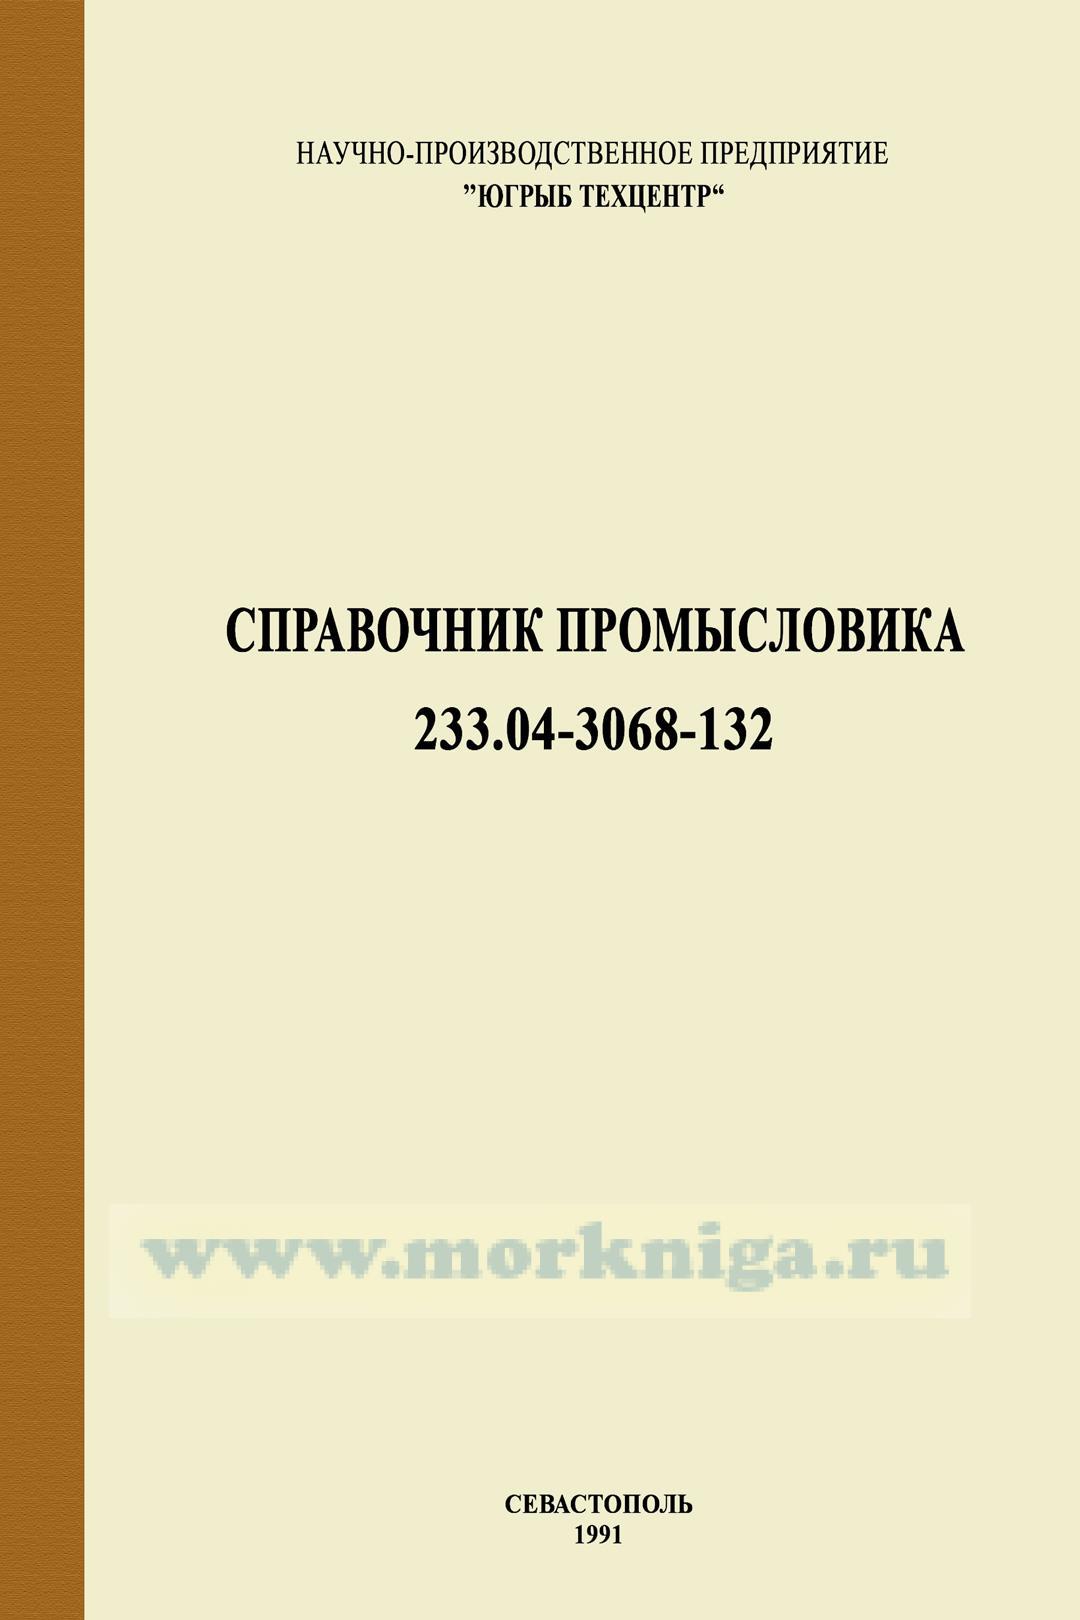 Справочник промысловика 233.04.-3068-132